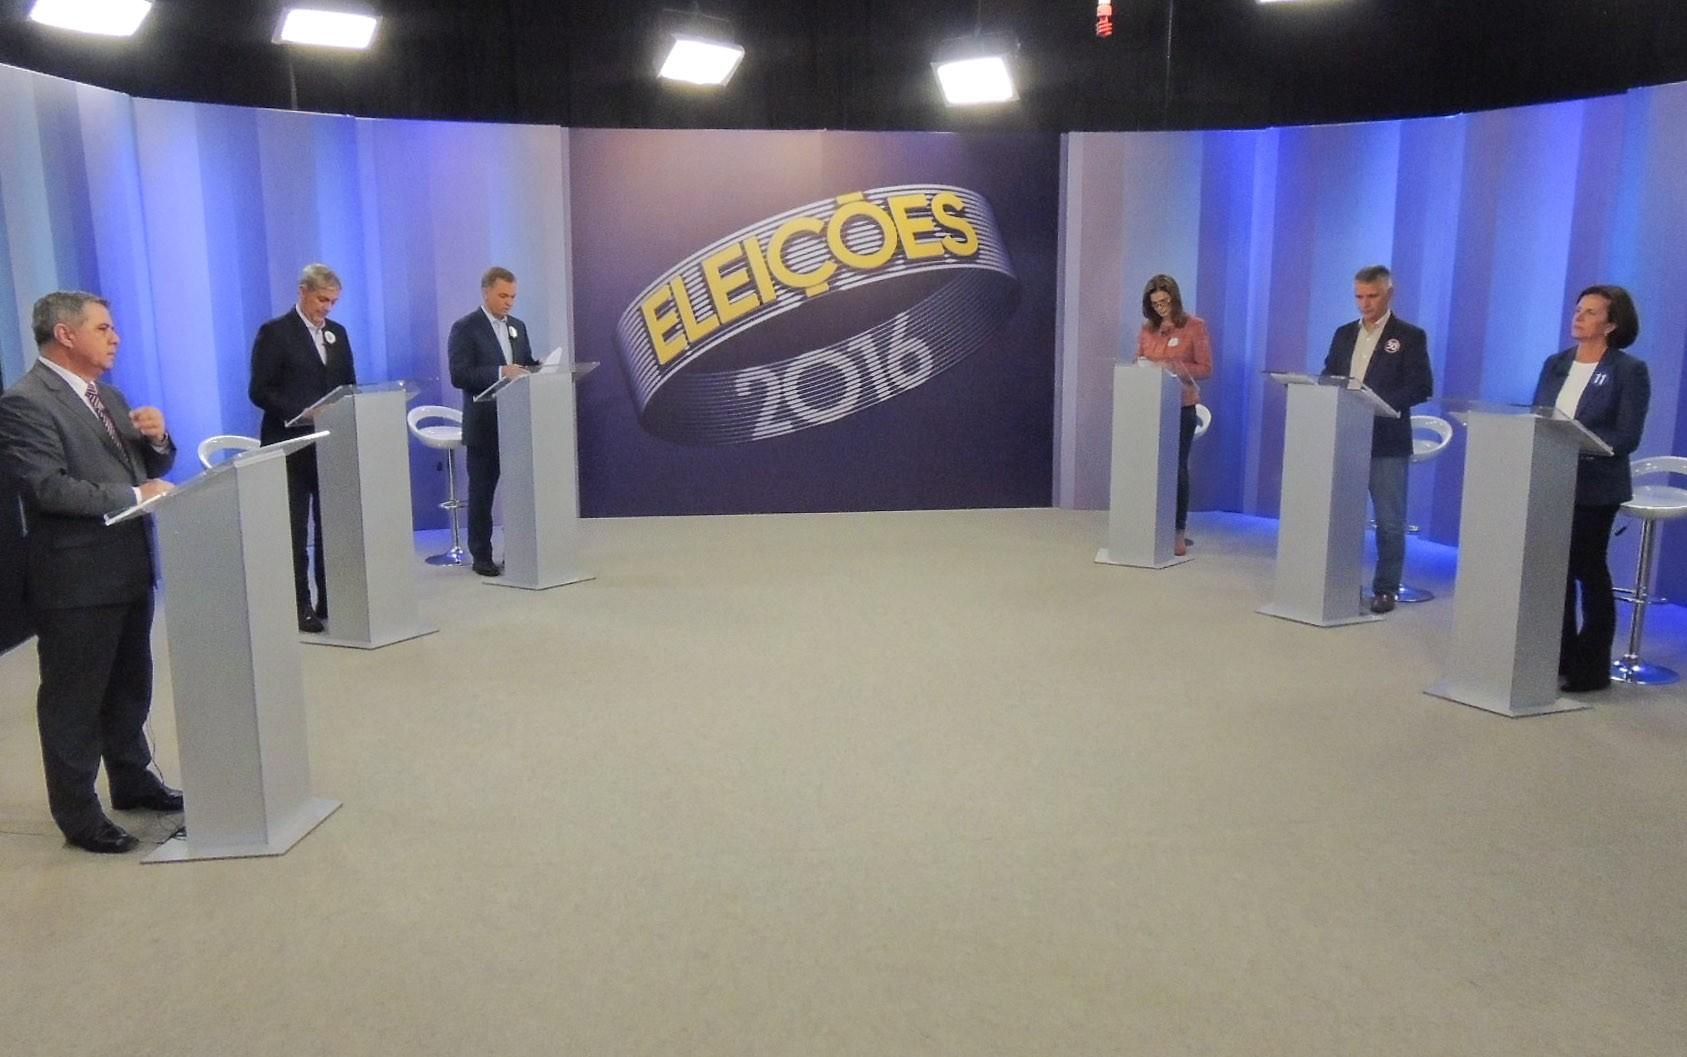 Candidatos à Prefeitura de Florianópolis (SC) durante o debate (Foto: G1)